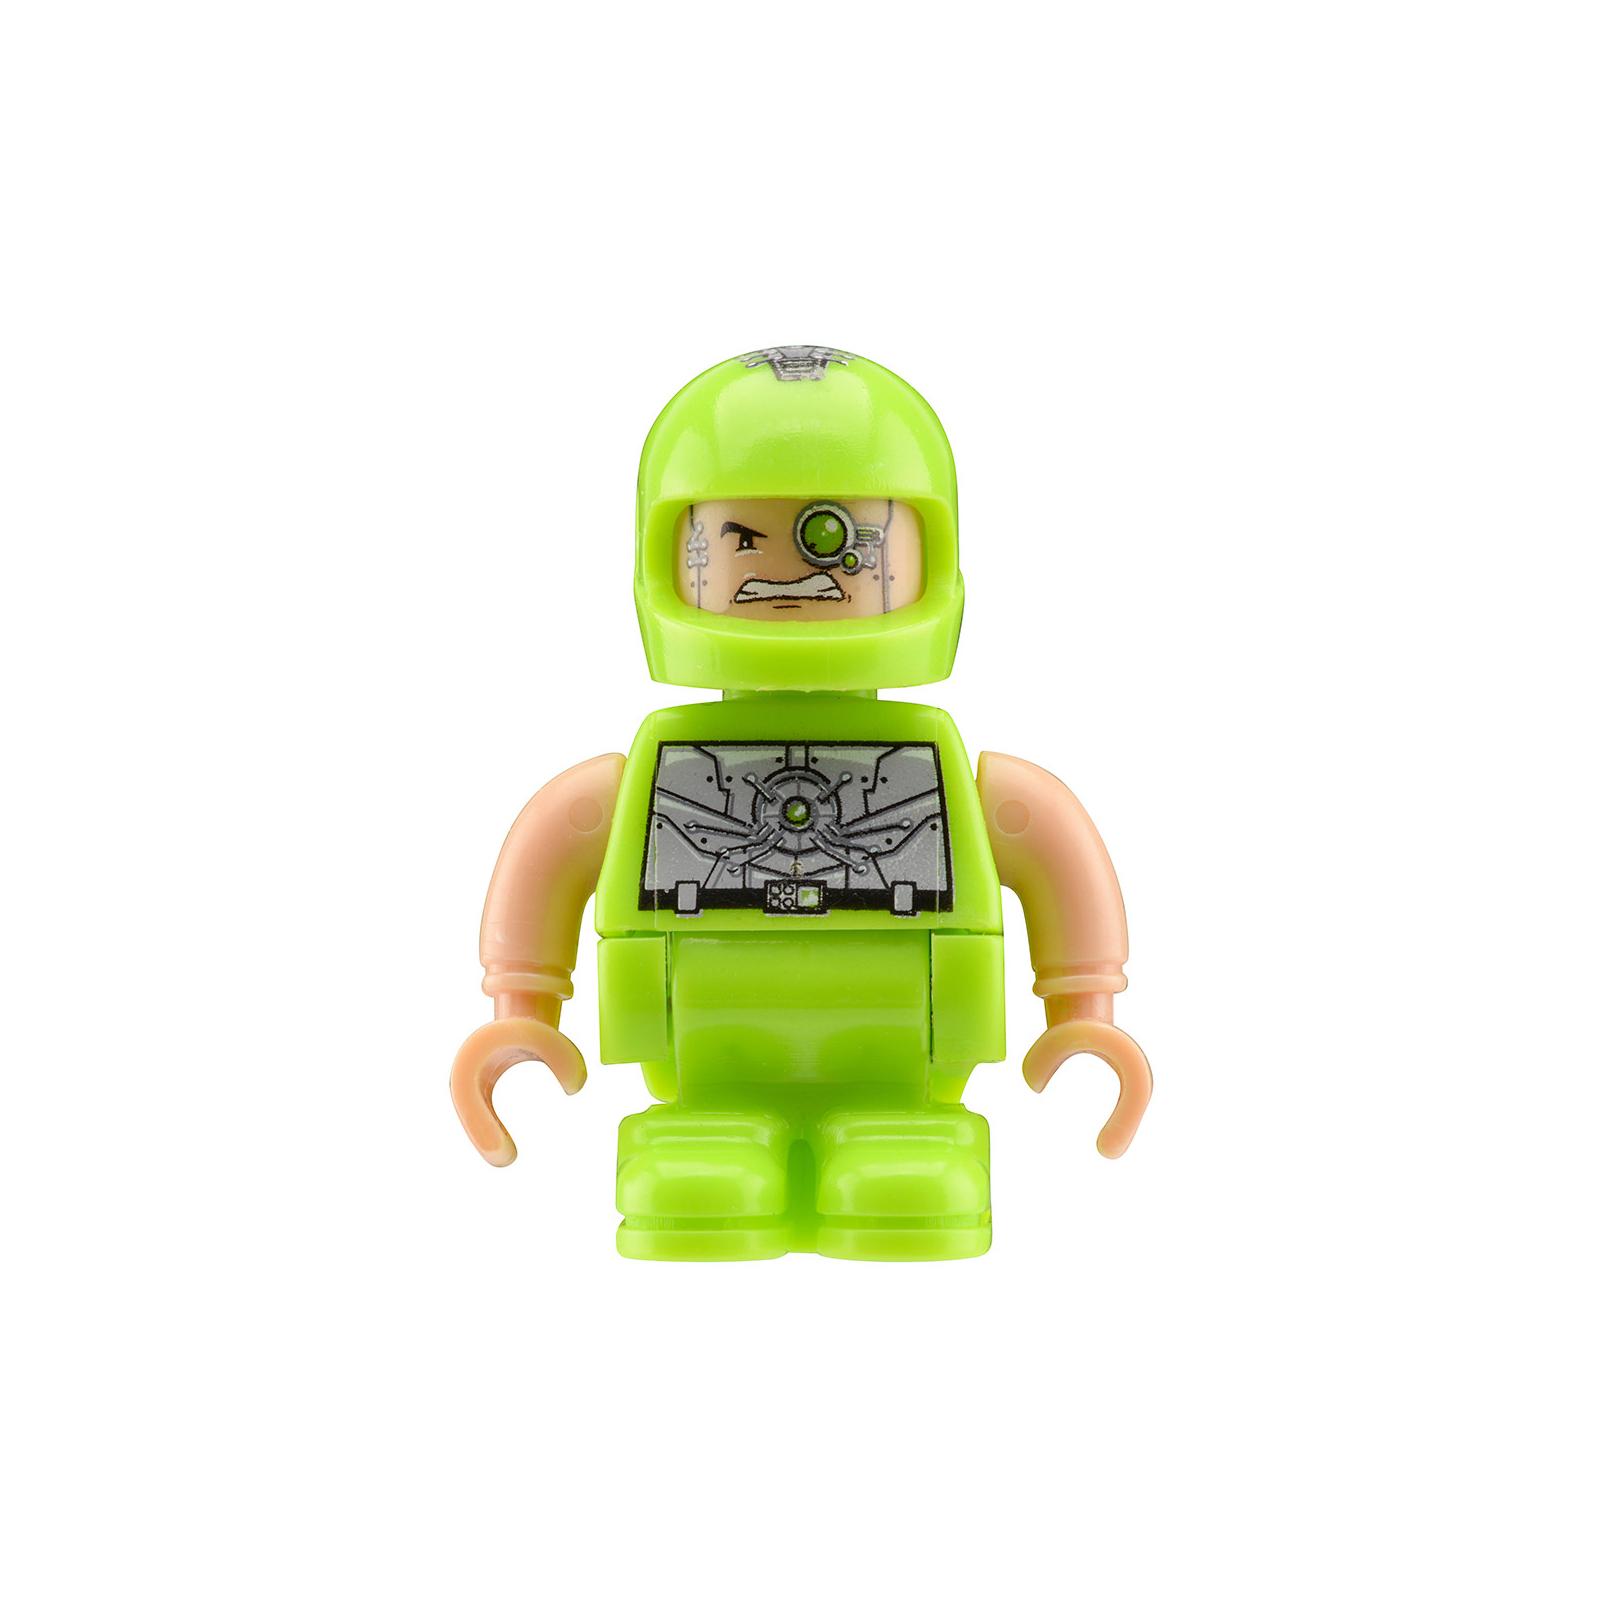 Радиоуправляемая игрушка Monster Smash-Ups Crash Car S2 Киборг Зеленый (TY6082A) изображение 3